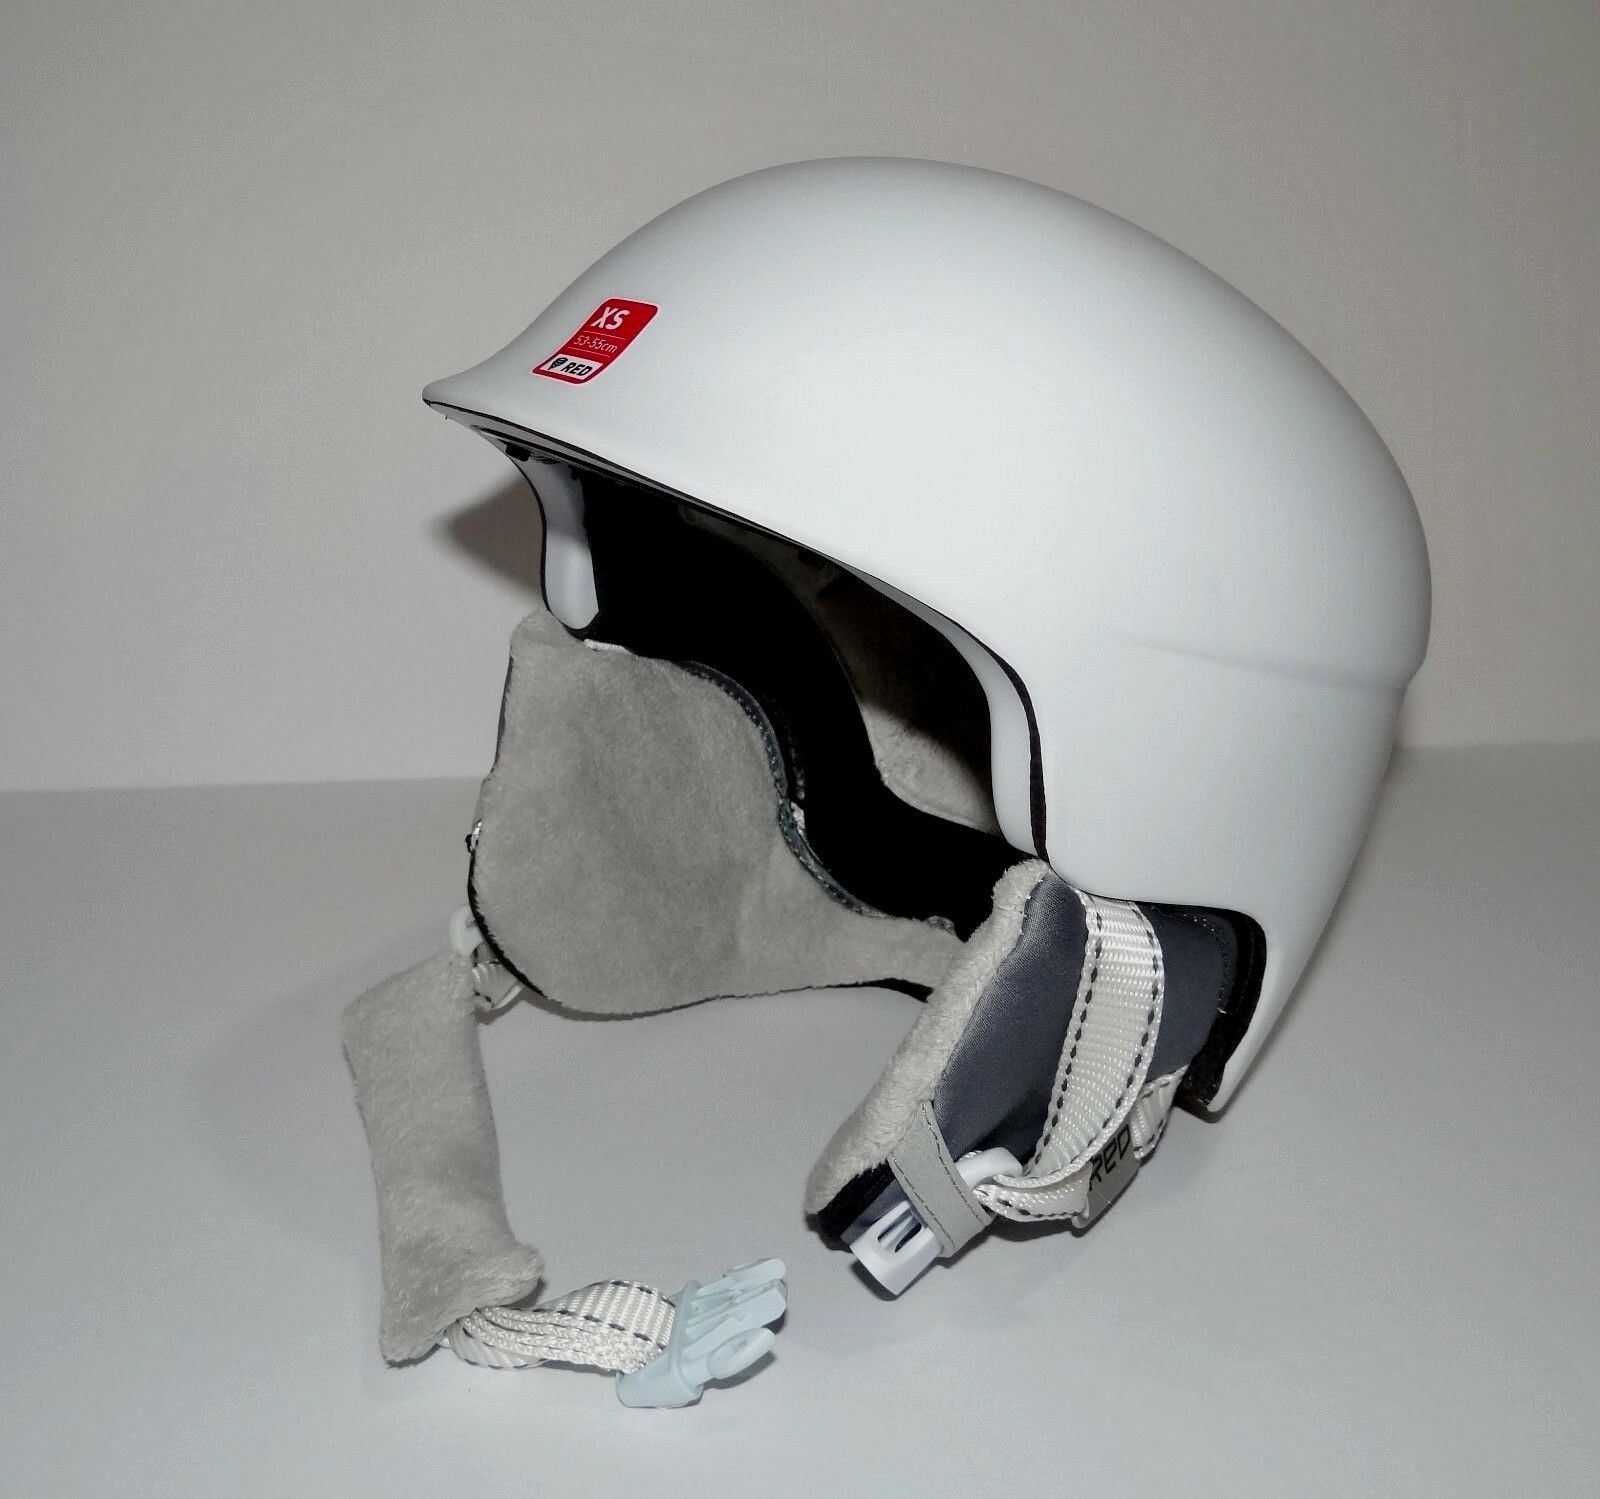 New Burton R.E.D. Aletta Snow Ski Snowboard Helmet XS 53-55  CM  timeless classic